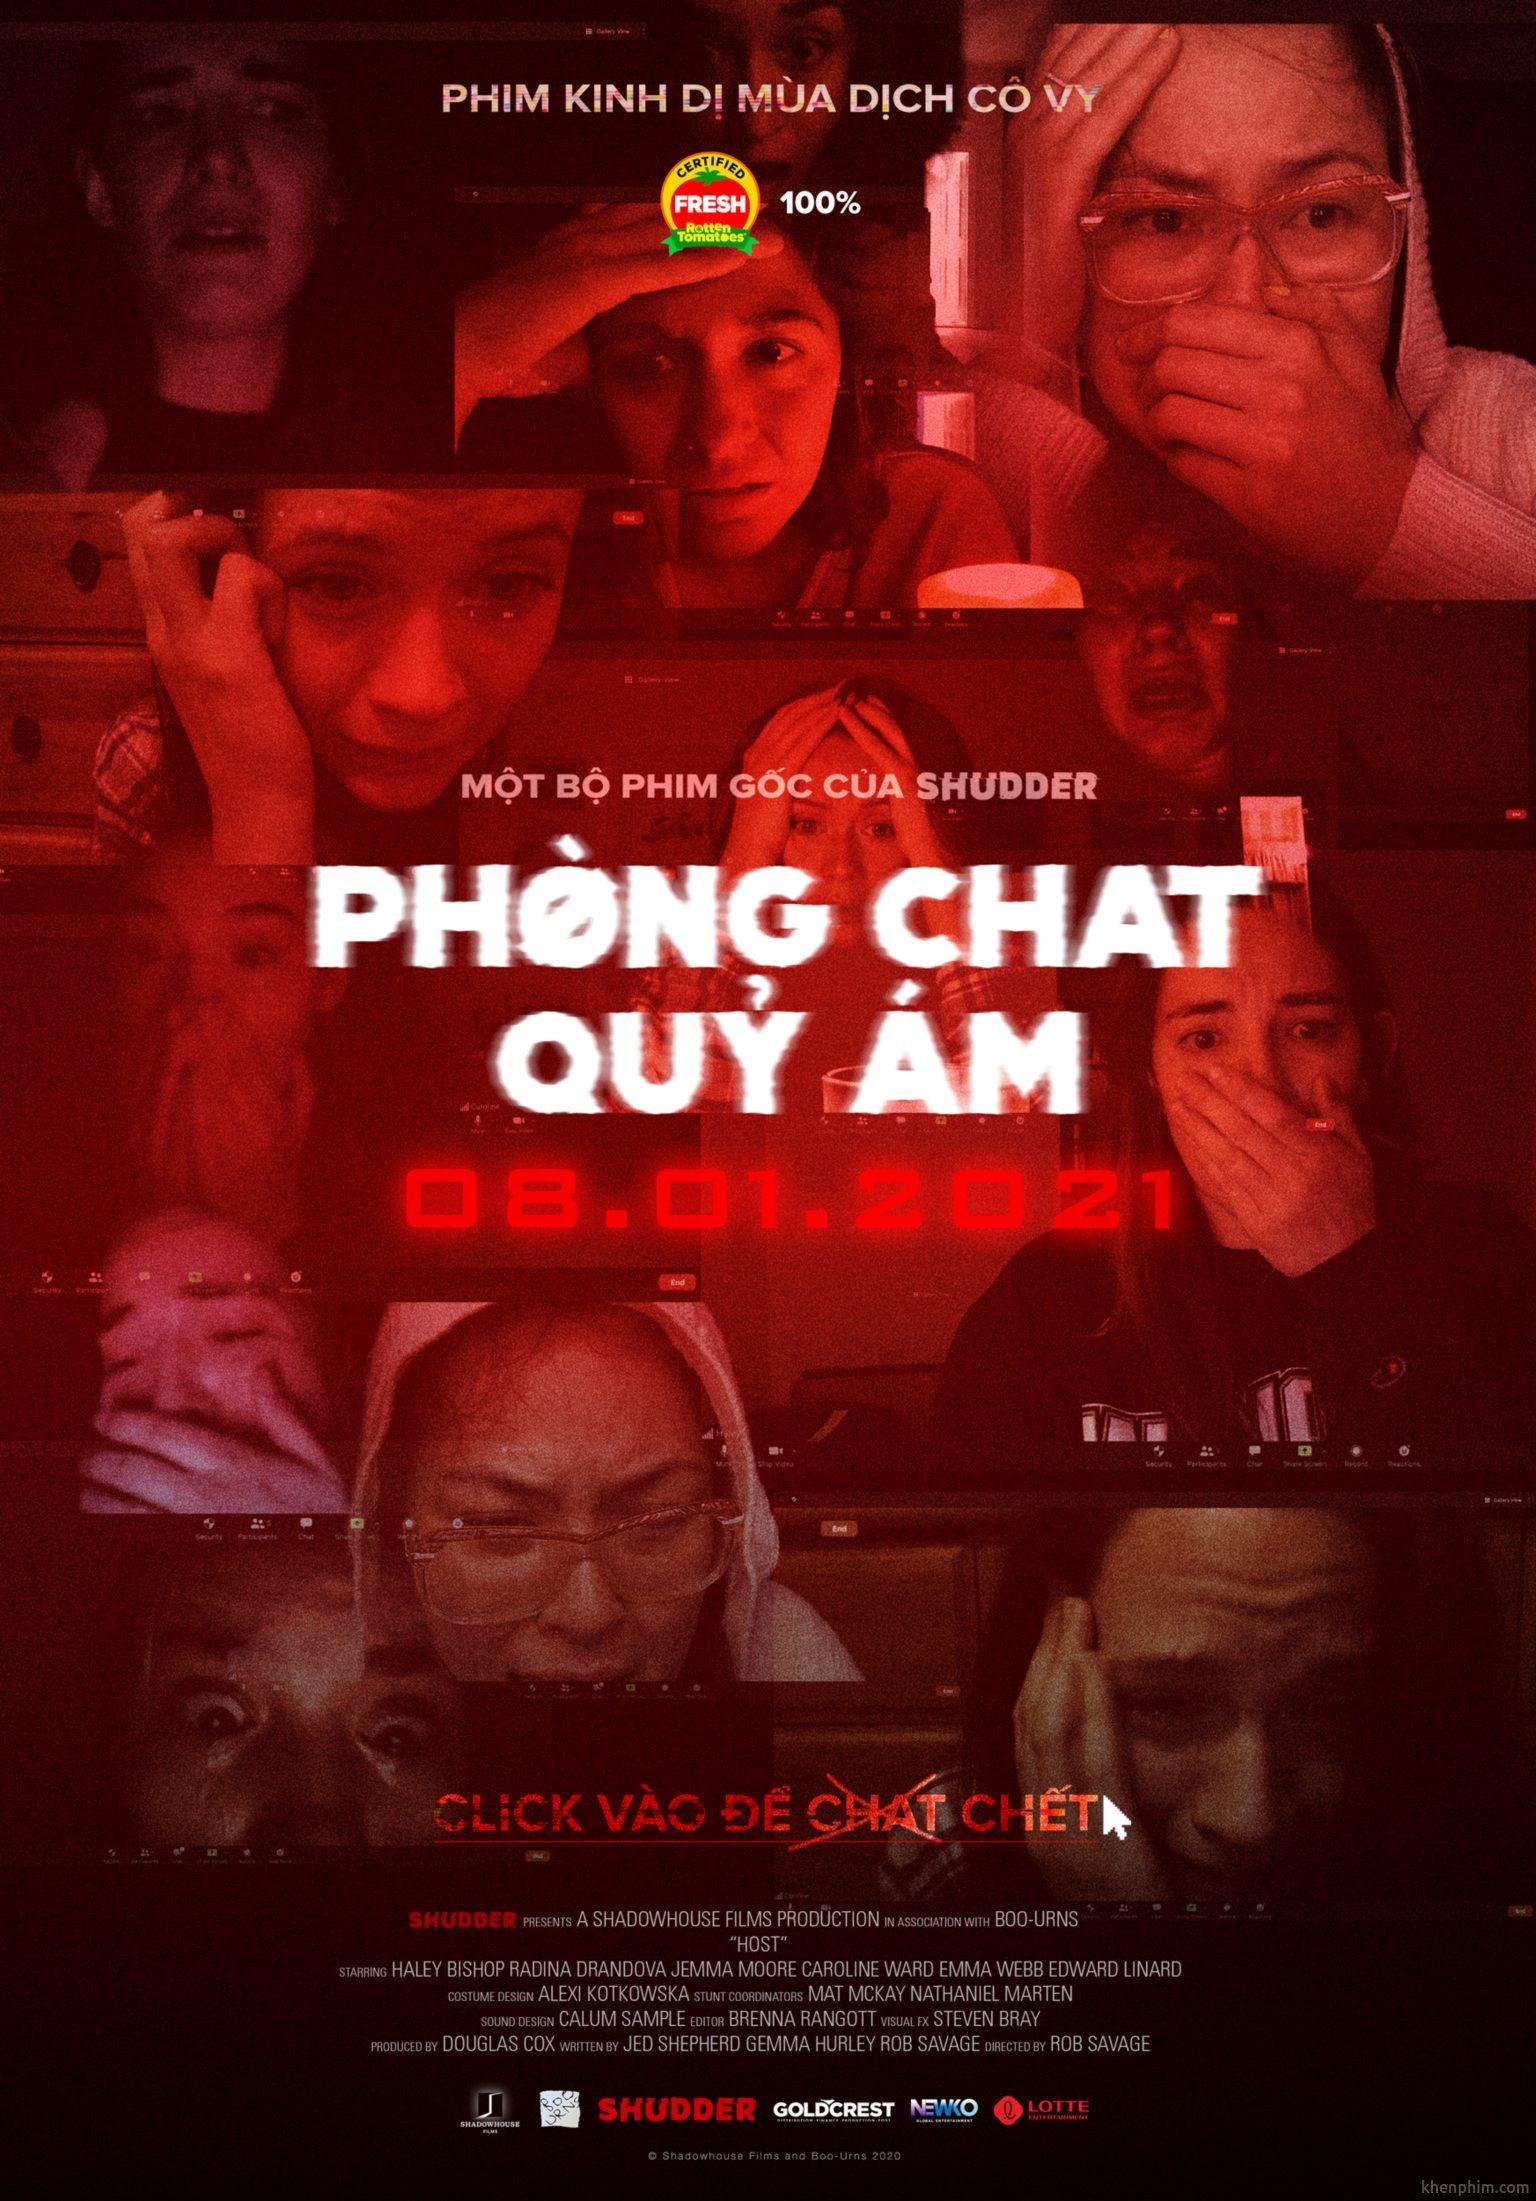 Poster phim Host (Phòng Chat Quỷ Ám)